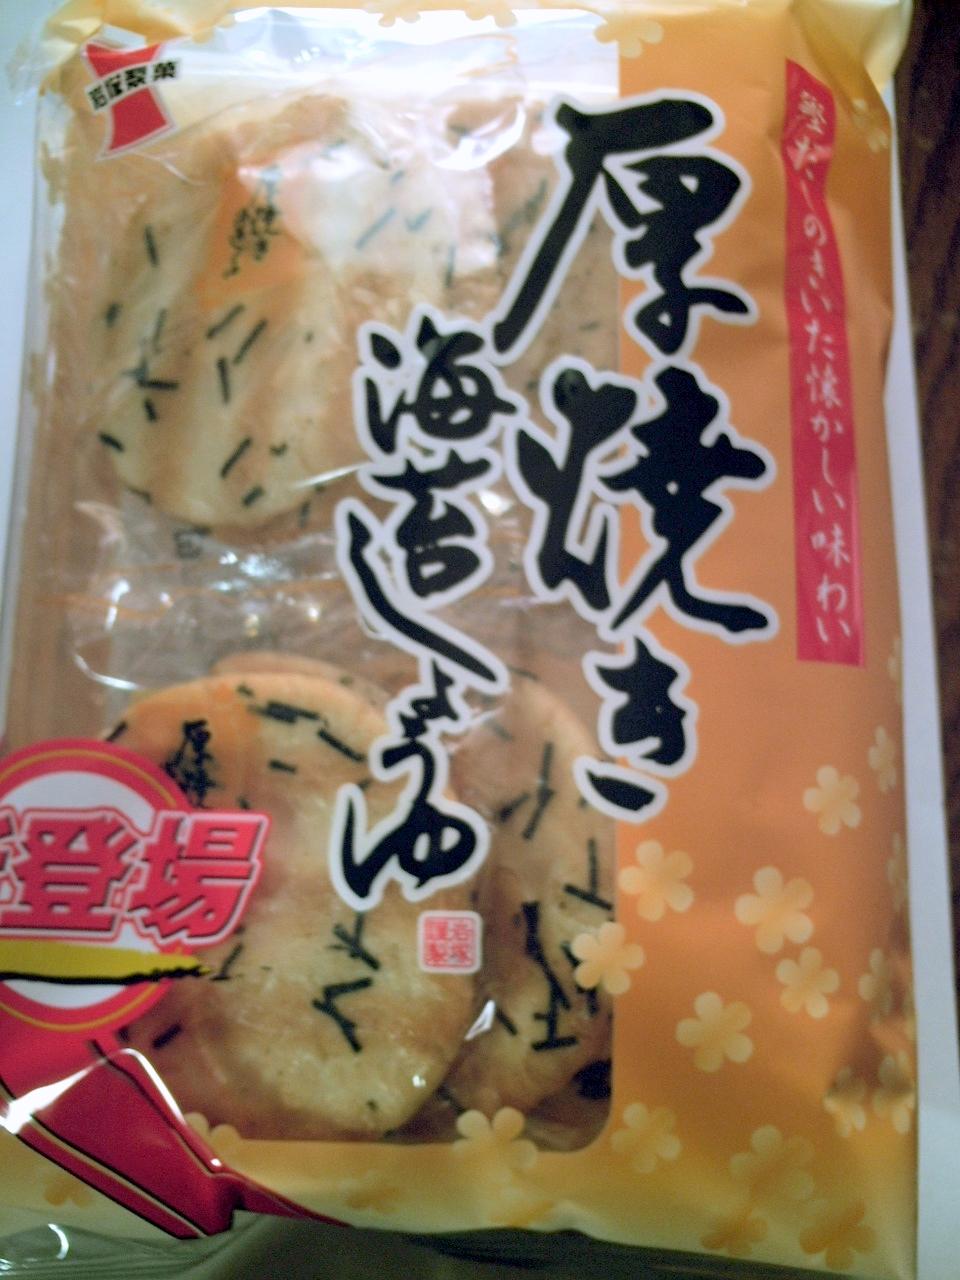 岩塚製菓 厚焼き海苔しょうゆ.